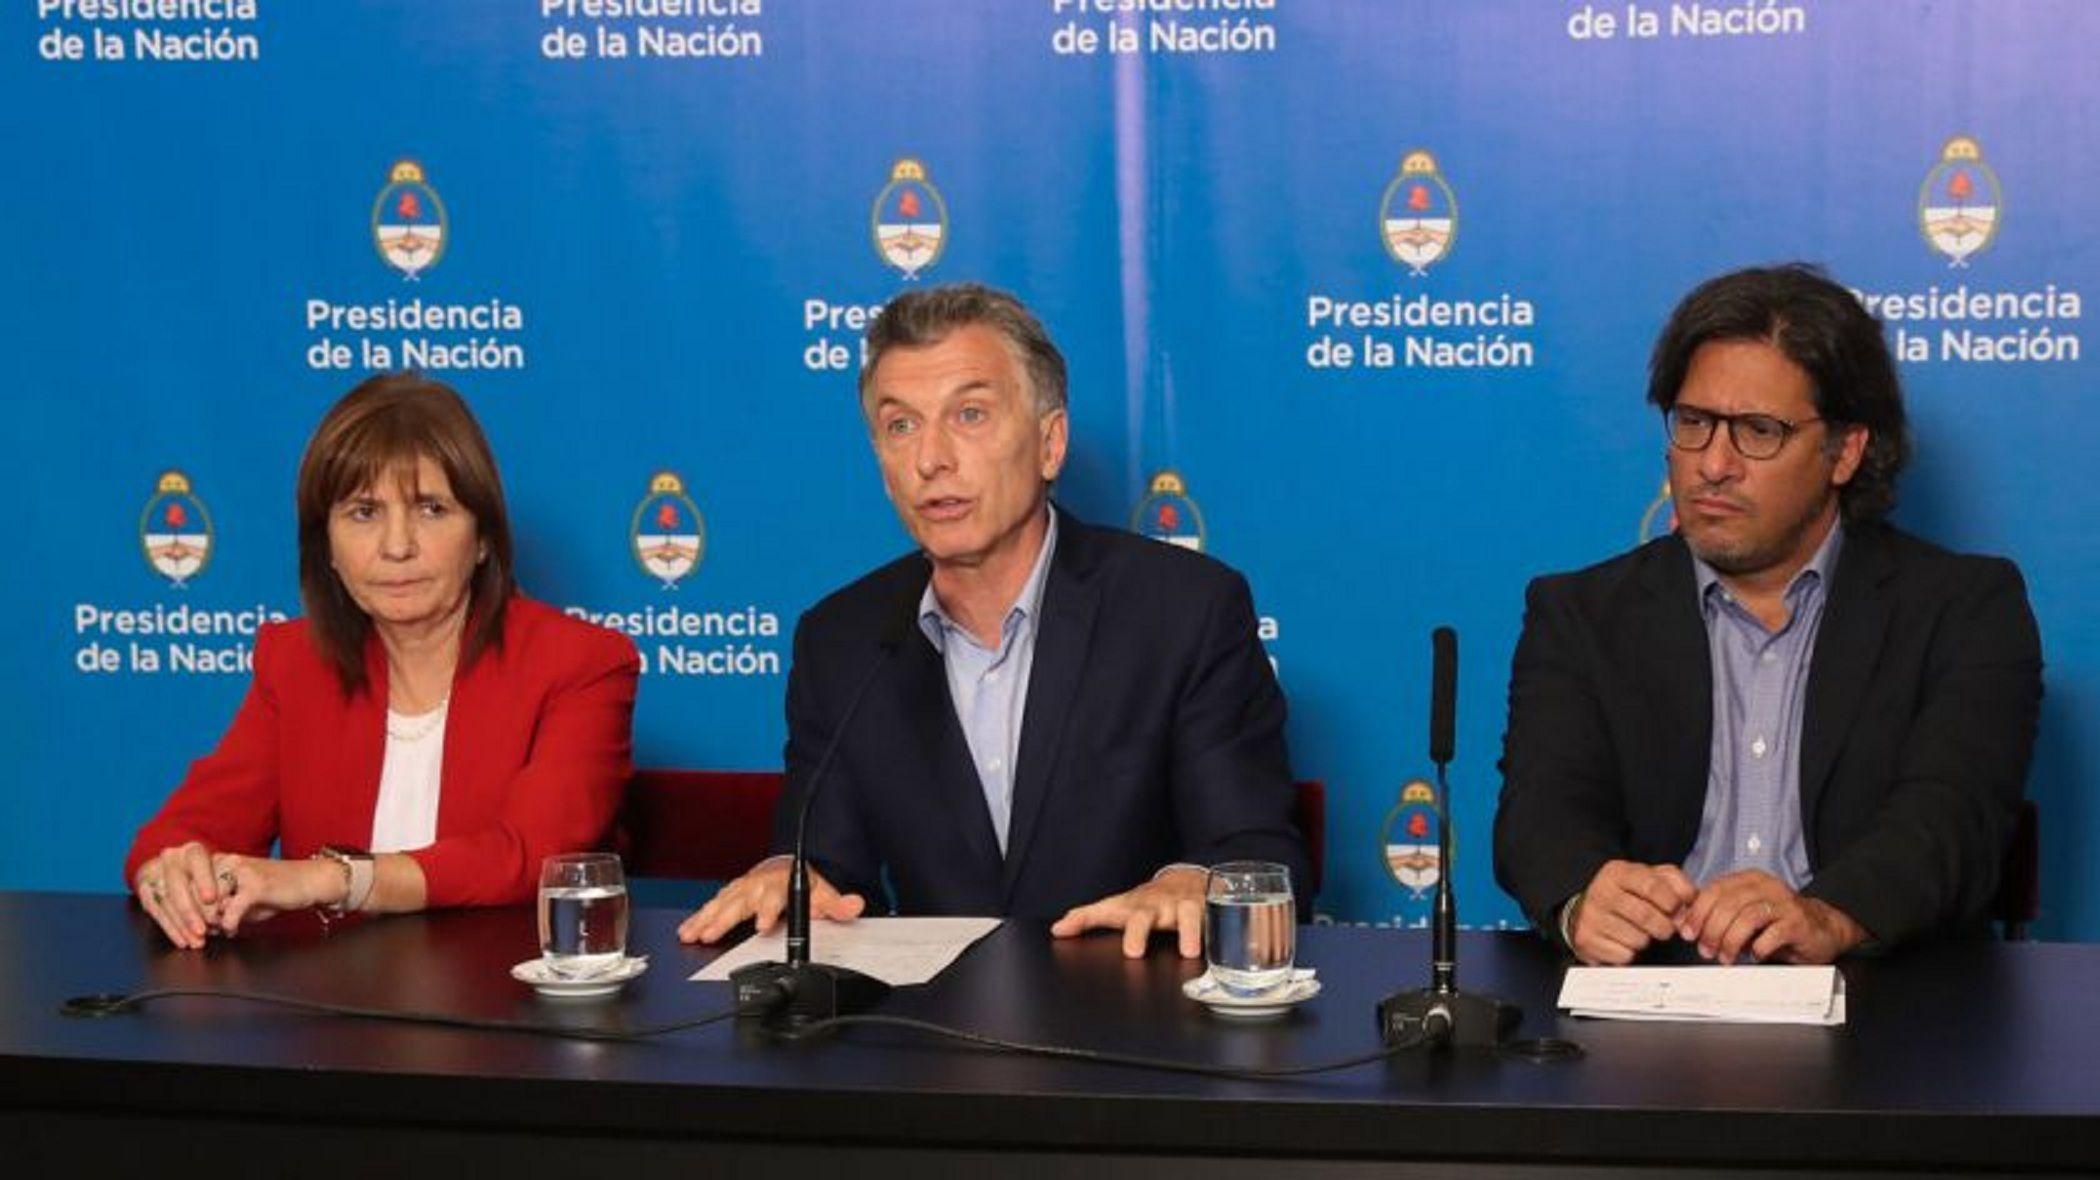 El Gobierno quiere tomar muestras de ADN a los delincuentes peligrosos